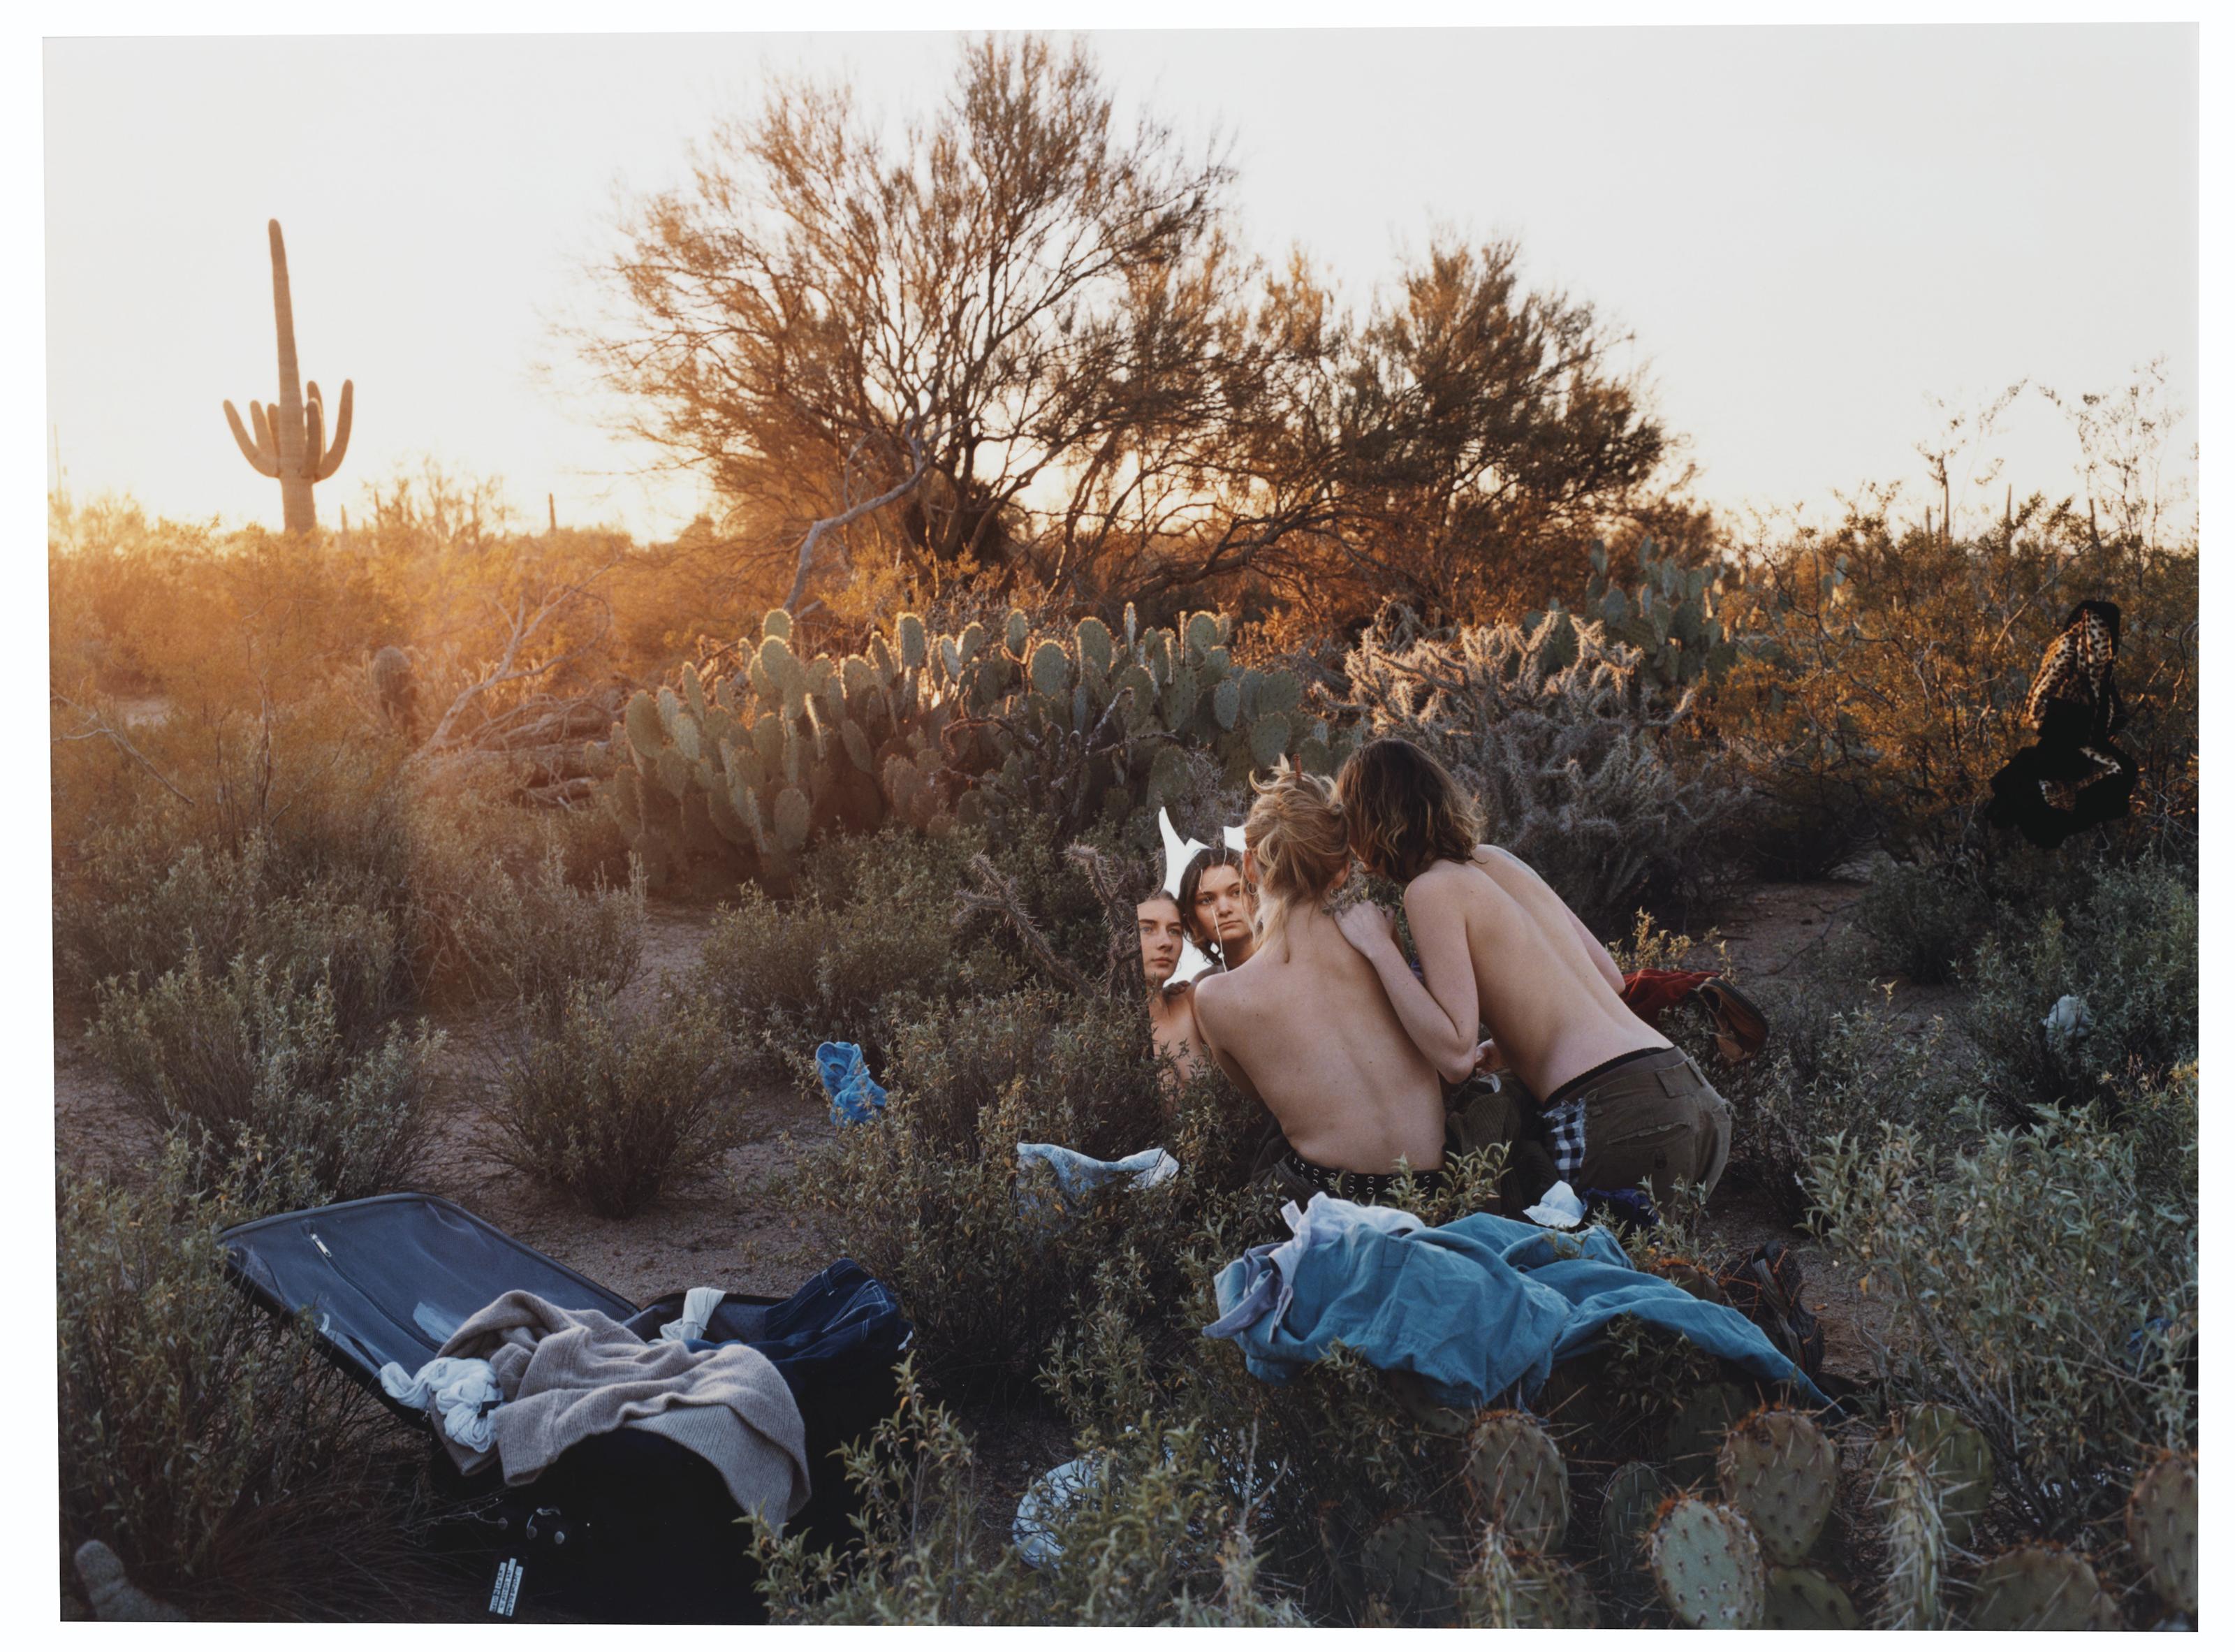 Clothes Make the Man, Desert Scene, Sonoma Desert, Arizona, 2001